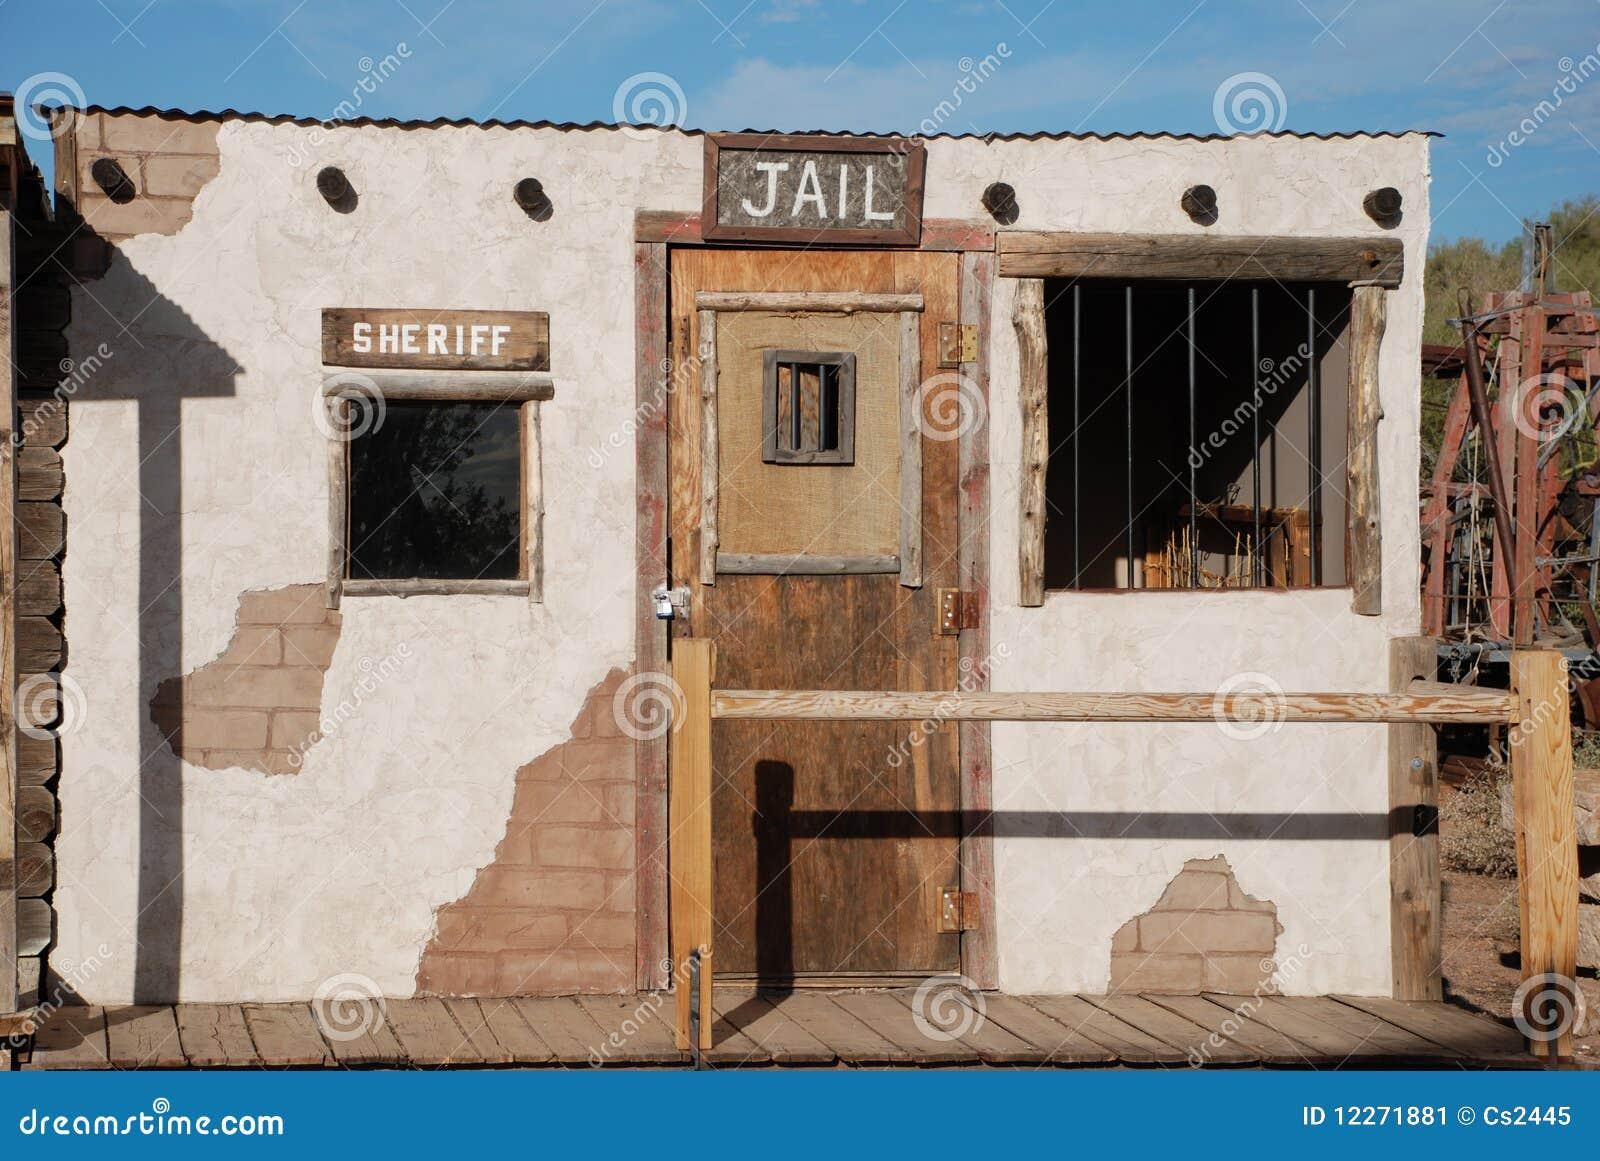 Old Western Cowboy Jail